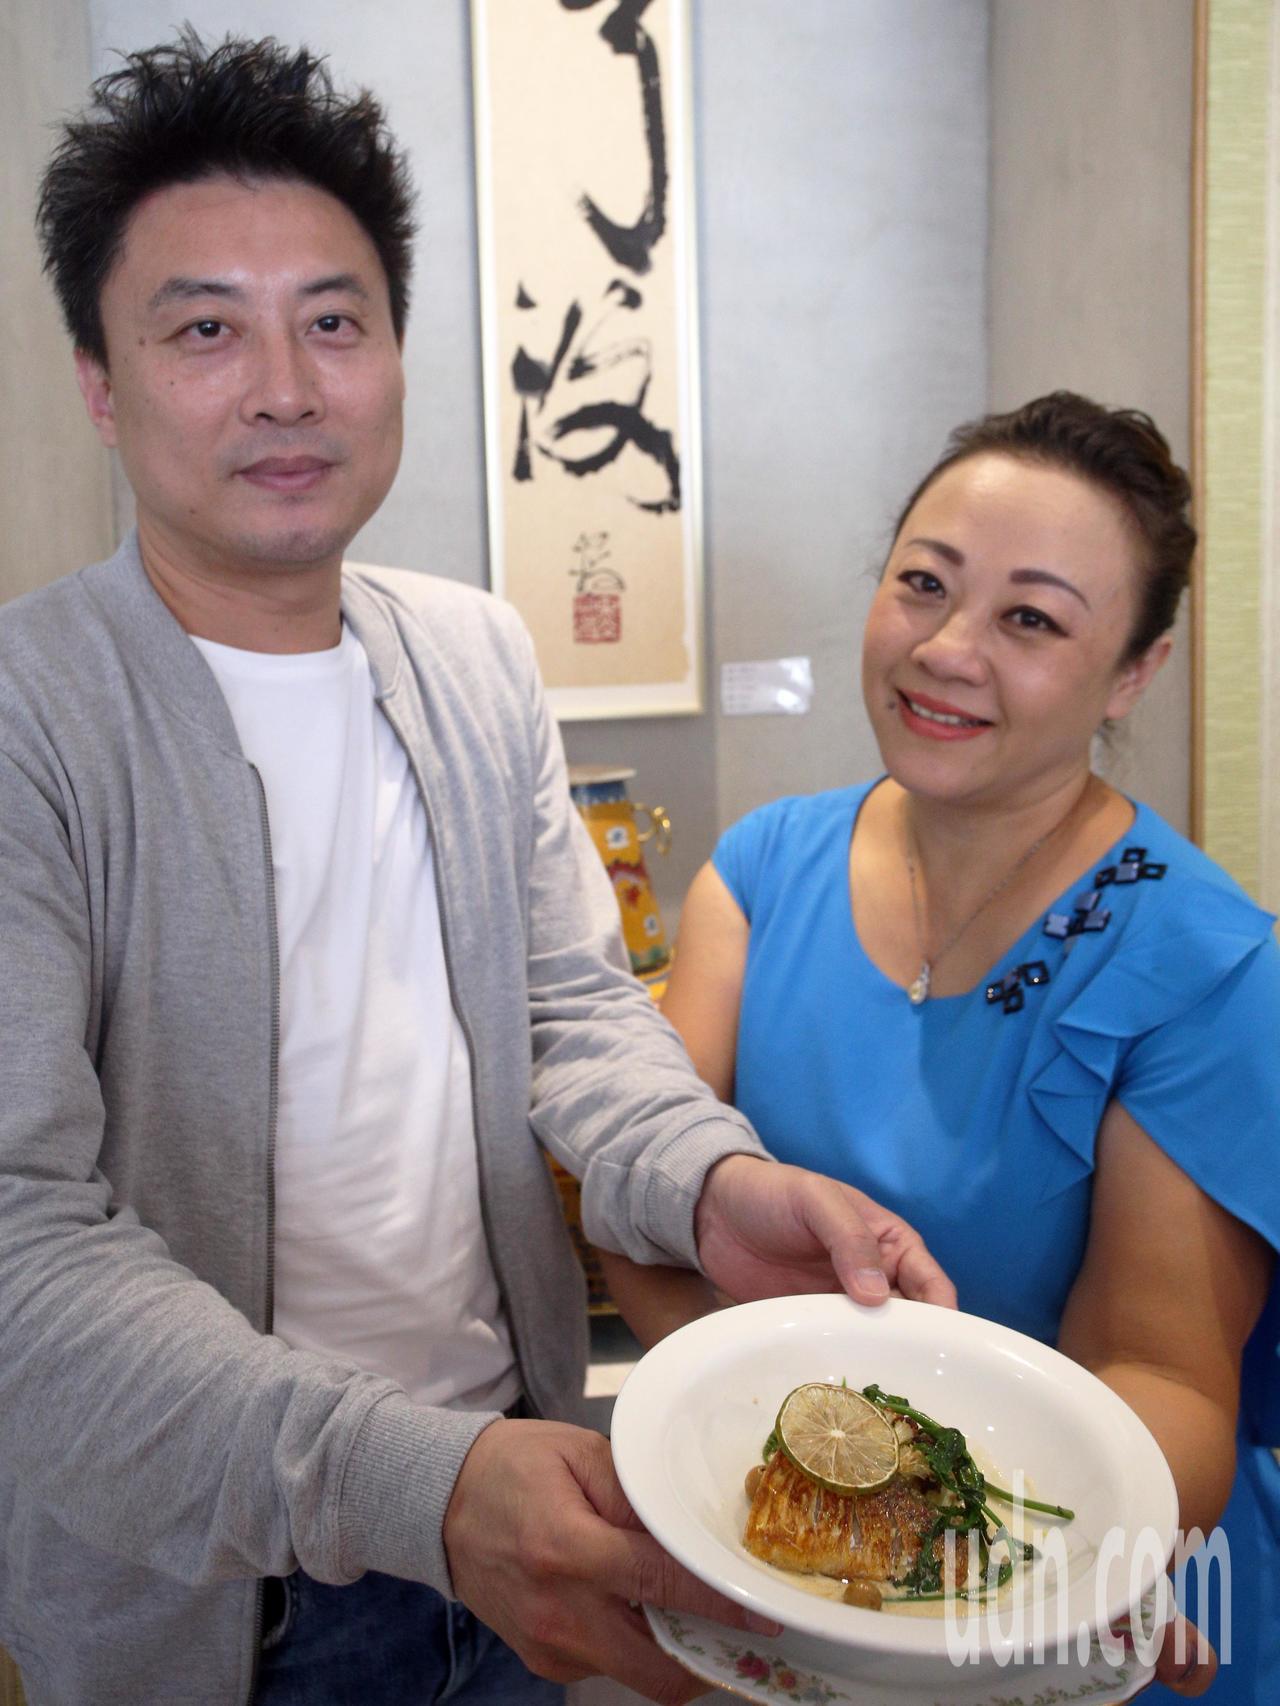 餐飲業者陳南圻(左)與雅樂廚苑創辦者LISA(右)將一起舉辦12場「馥酩宴.食農...